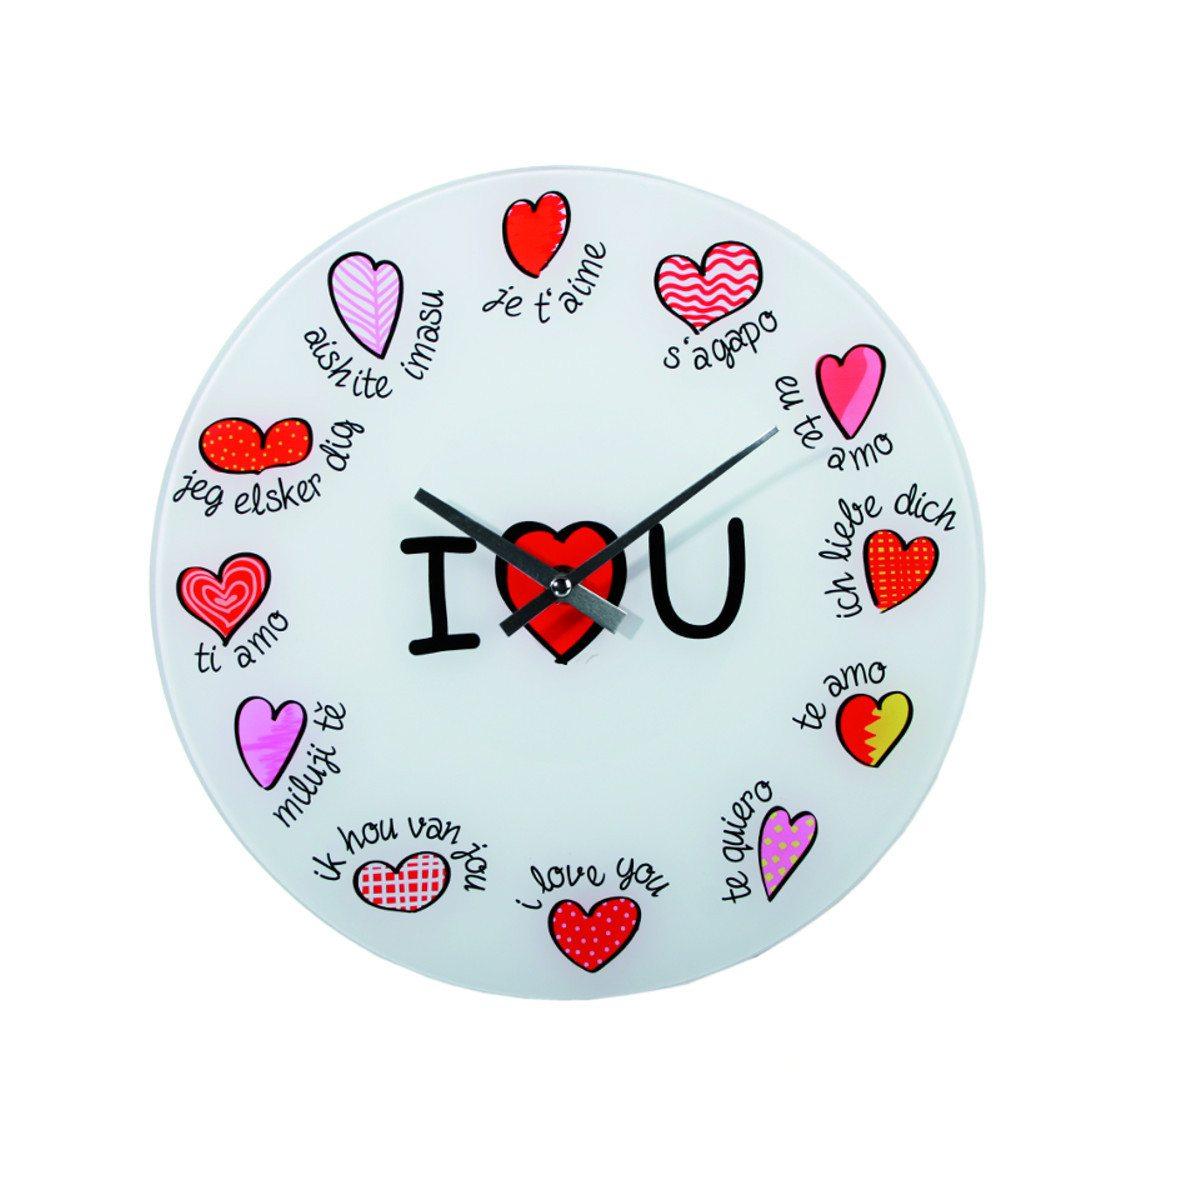 """Glasur med """"I ♥ U"""" på forskellige sprog"""